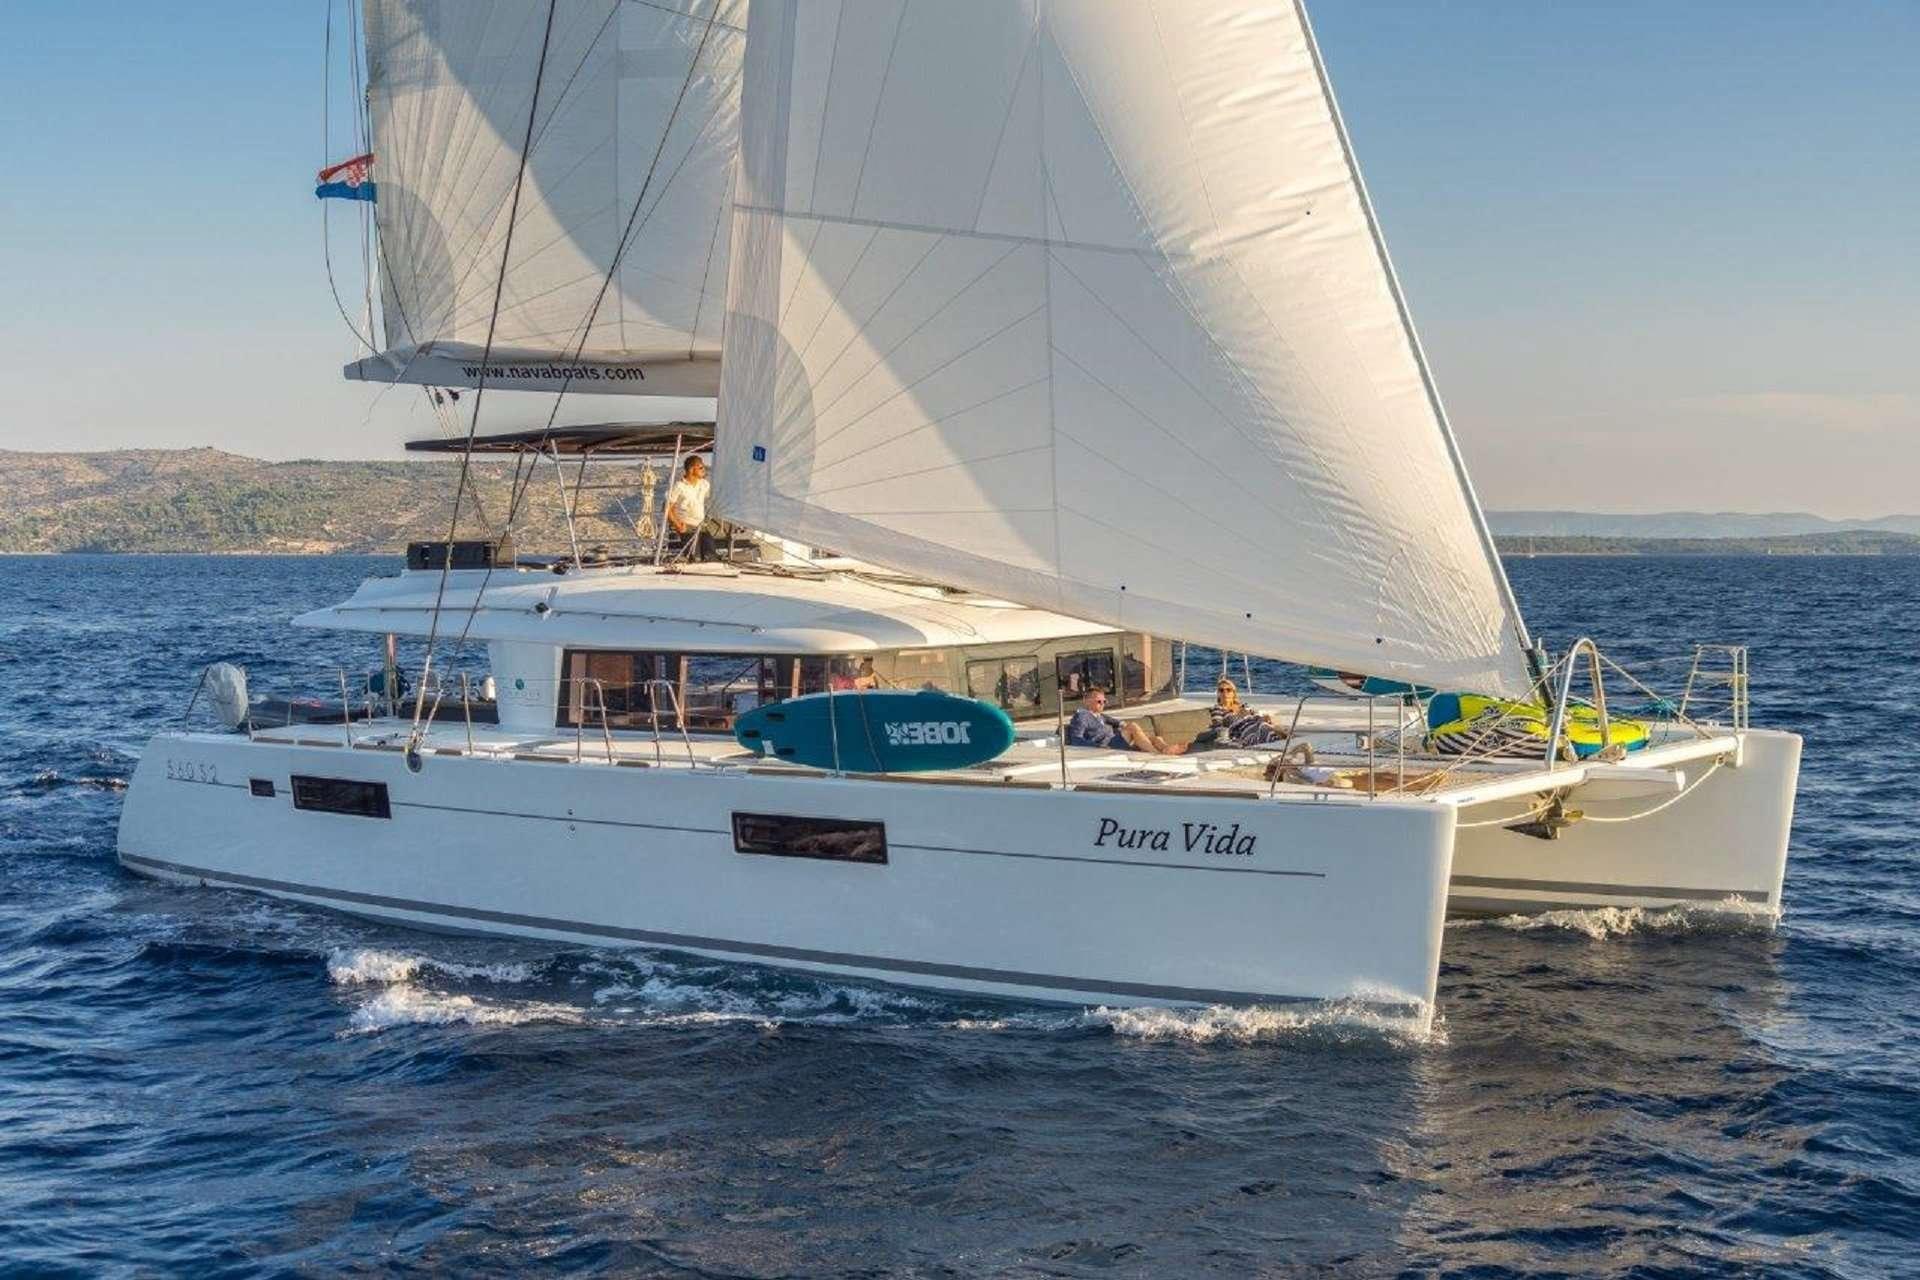 56ft Lagoon sailing catamaran PURA VIDA at sail